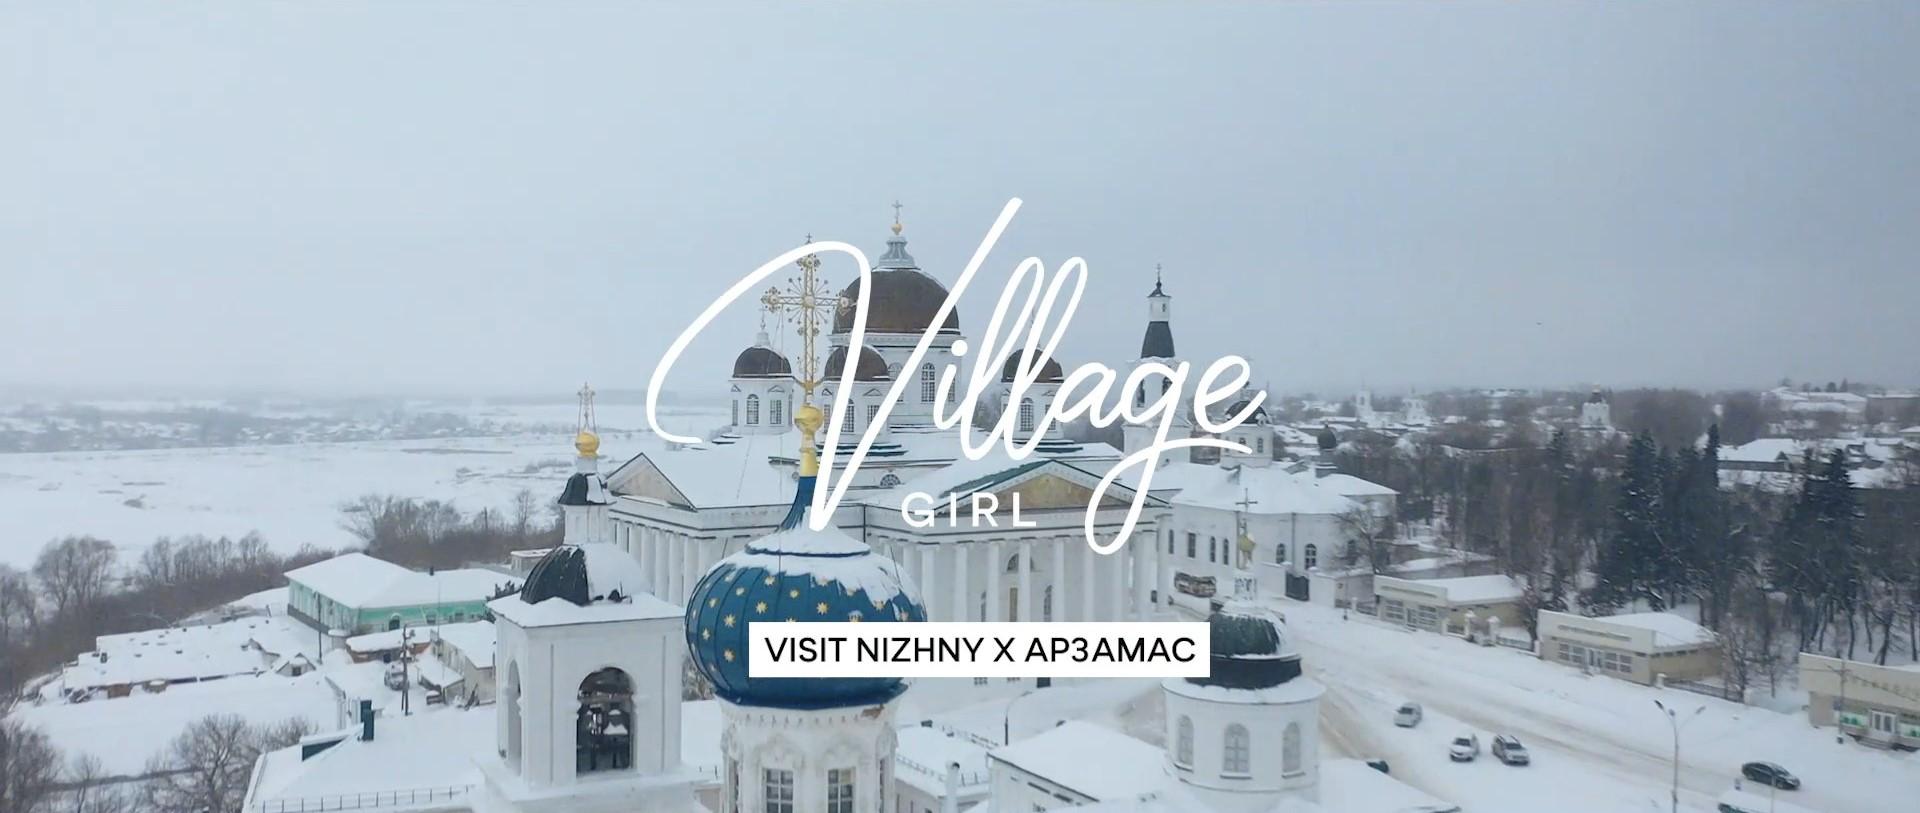 Нижегородский туристско-информационный центр опубликовал видеоэкскурсию по достопримечательностям Арзамаса